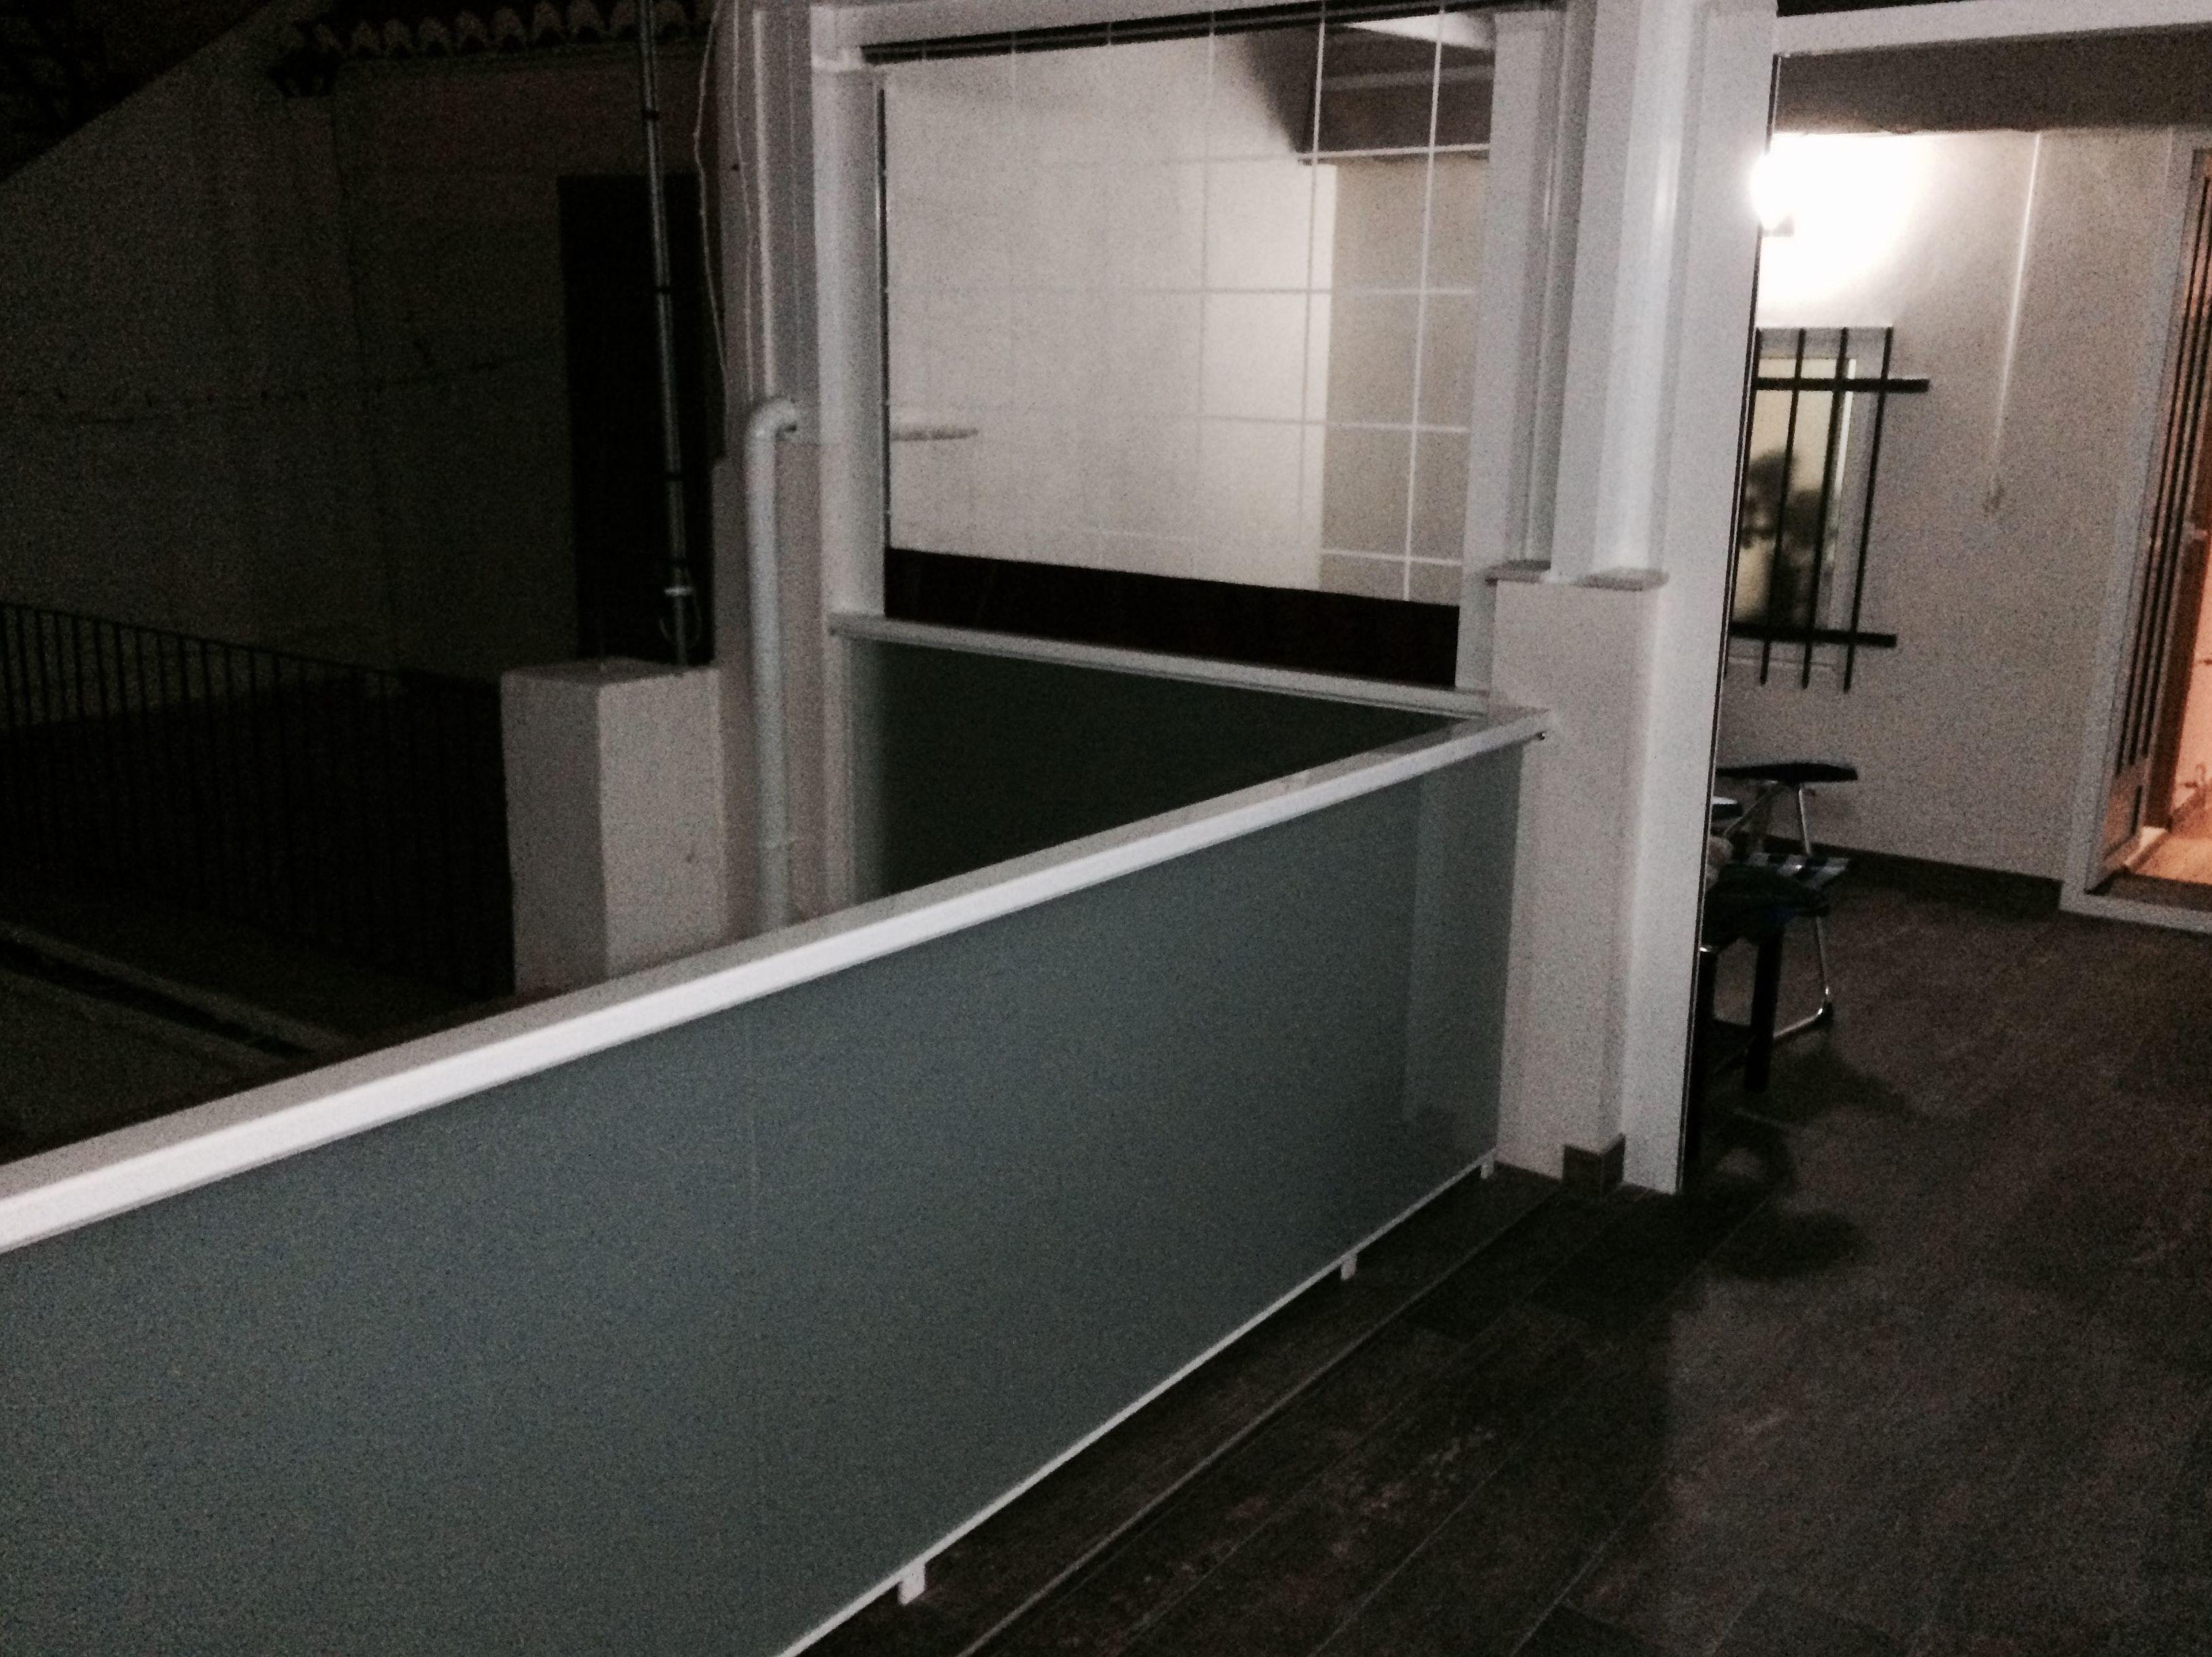 Cerramiento de terraza con toldos y barandilla de vidrio y aluminio